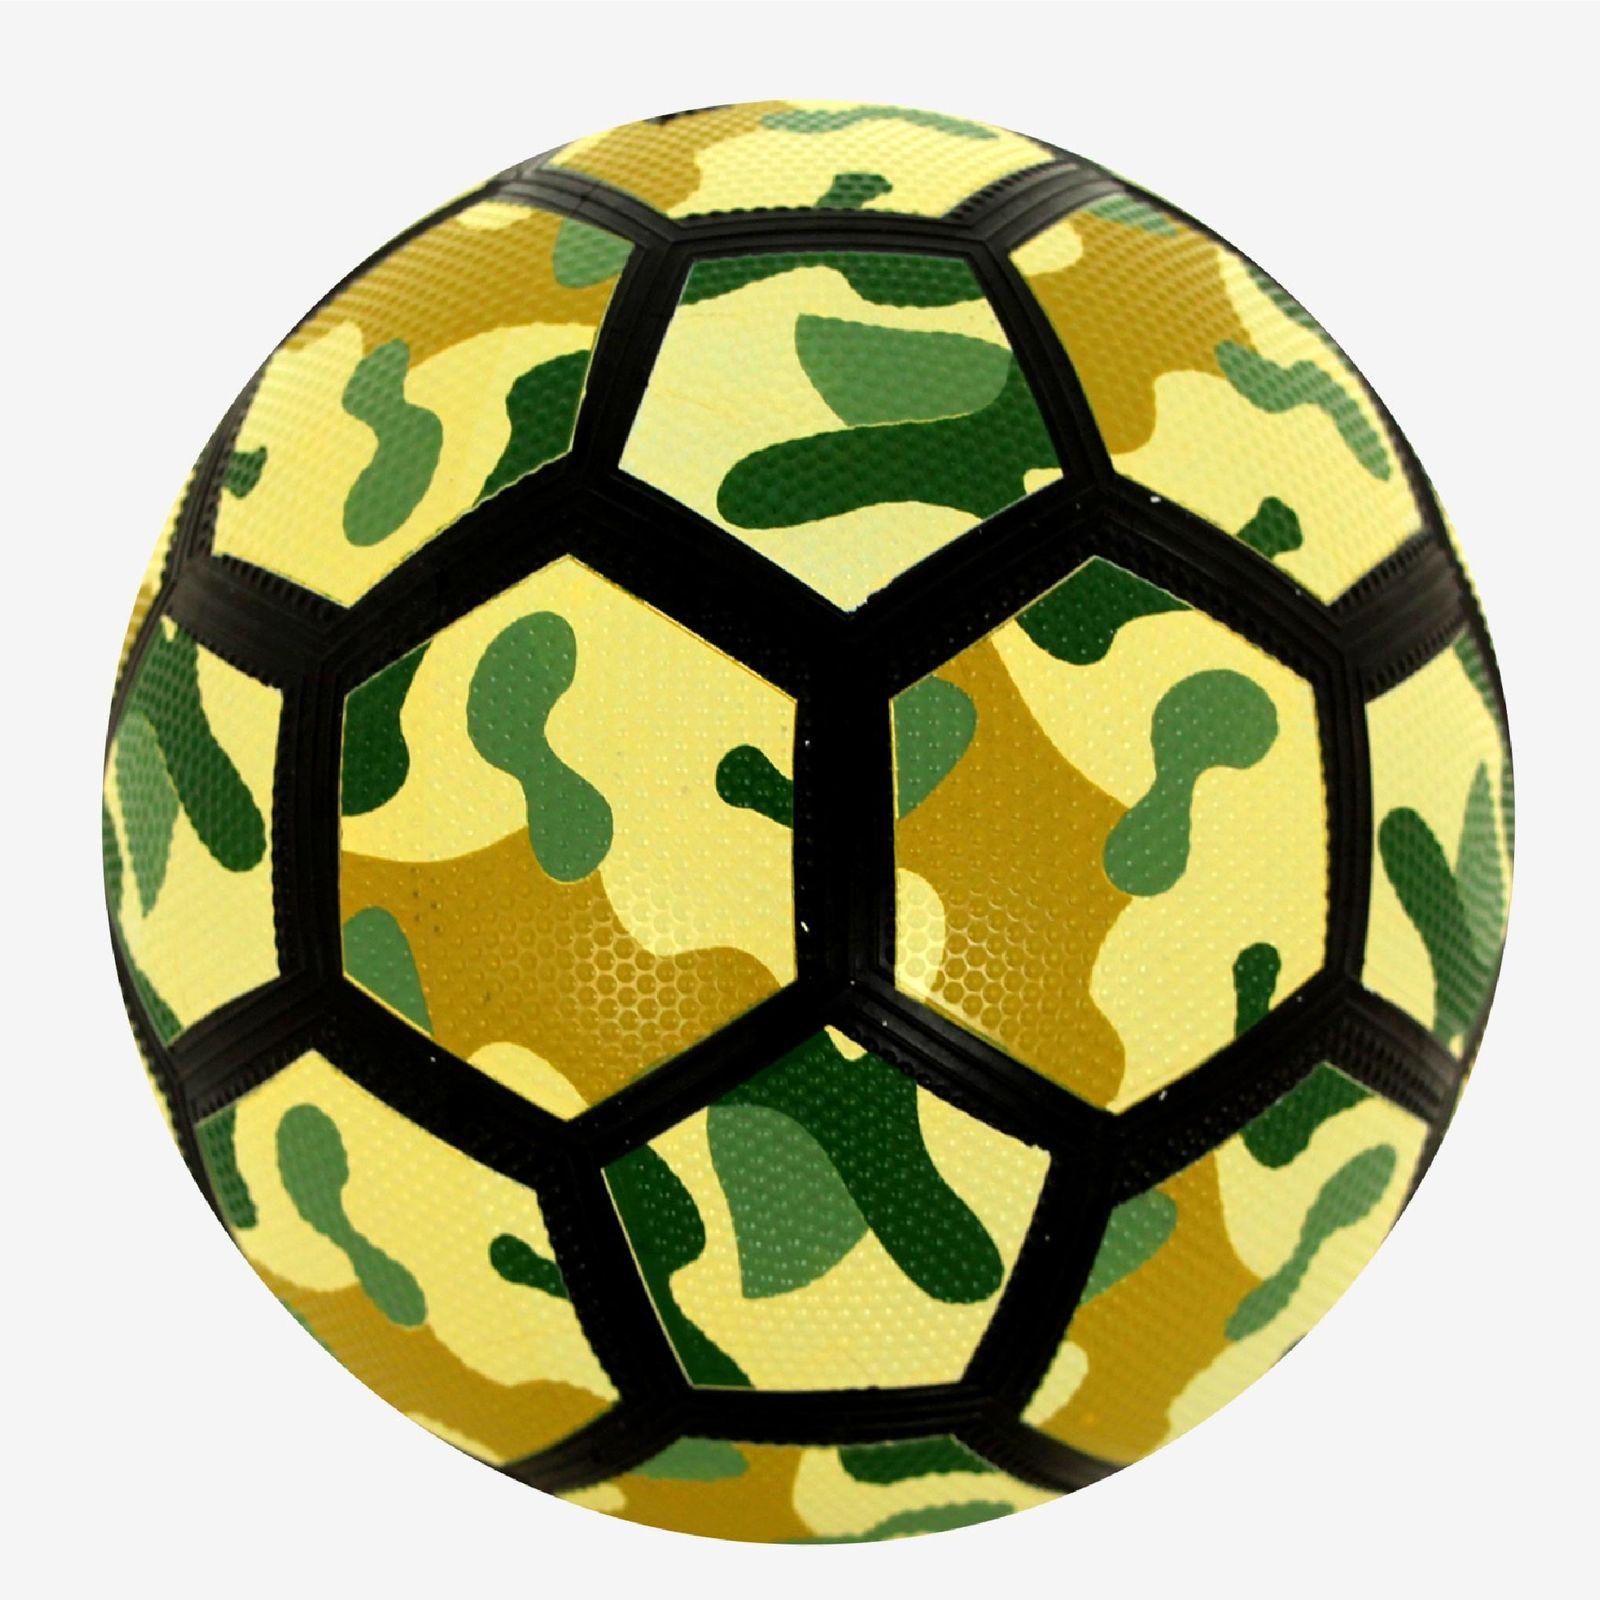 توپ فوتبال بتا مدل 0001 -  - 2